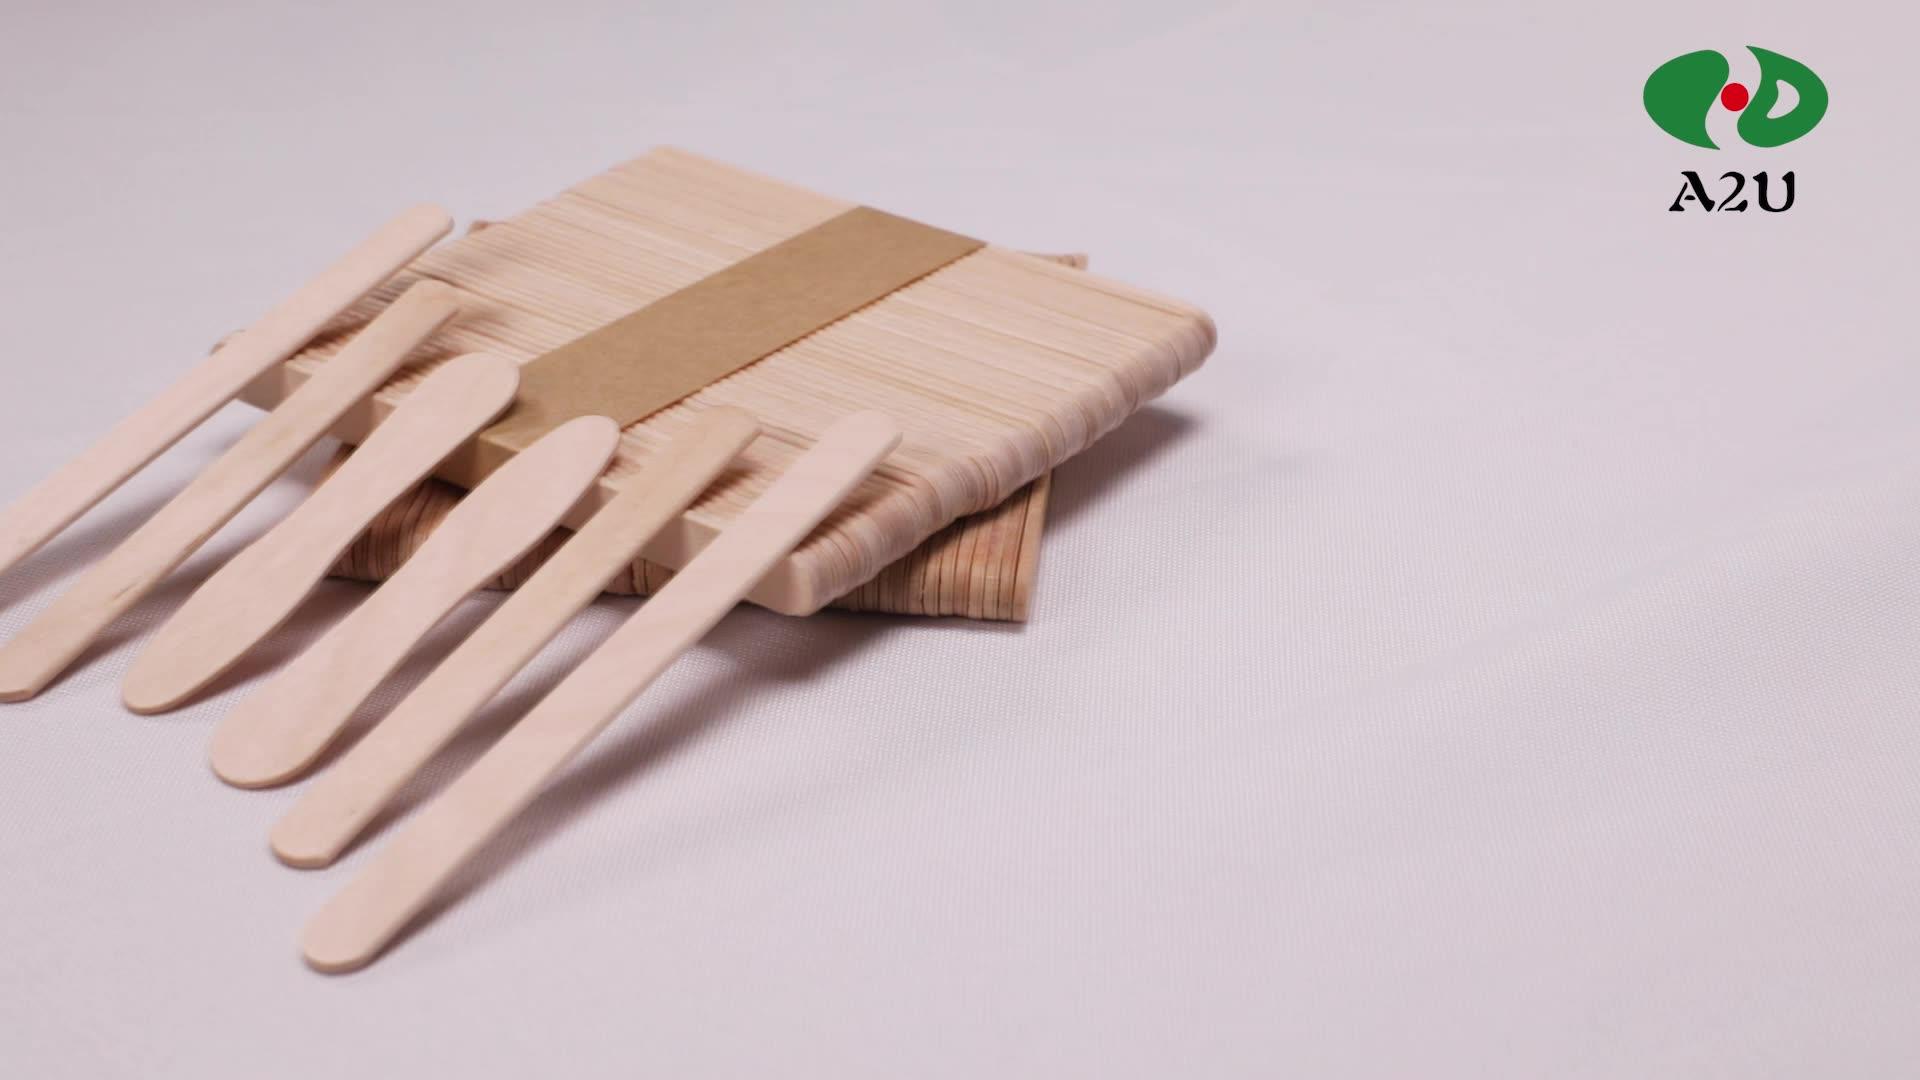 Прямая Заводская цена, уникальные качественные деревянные палочки для мороженого